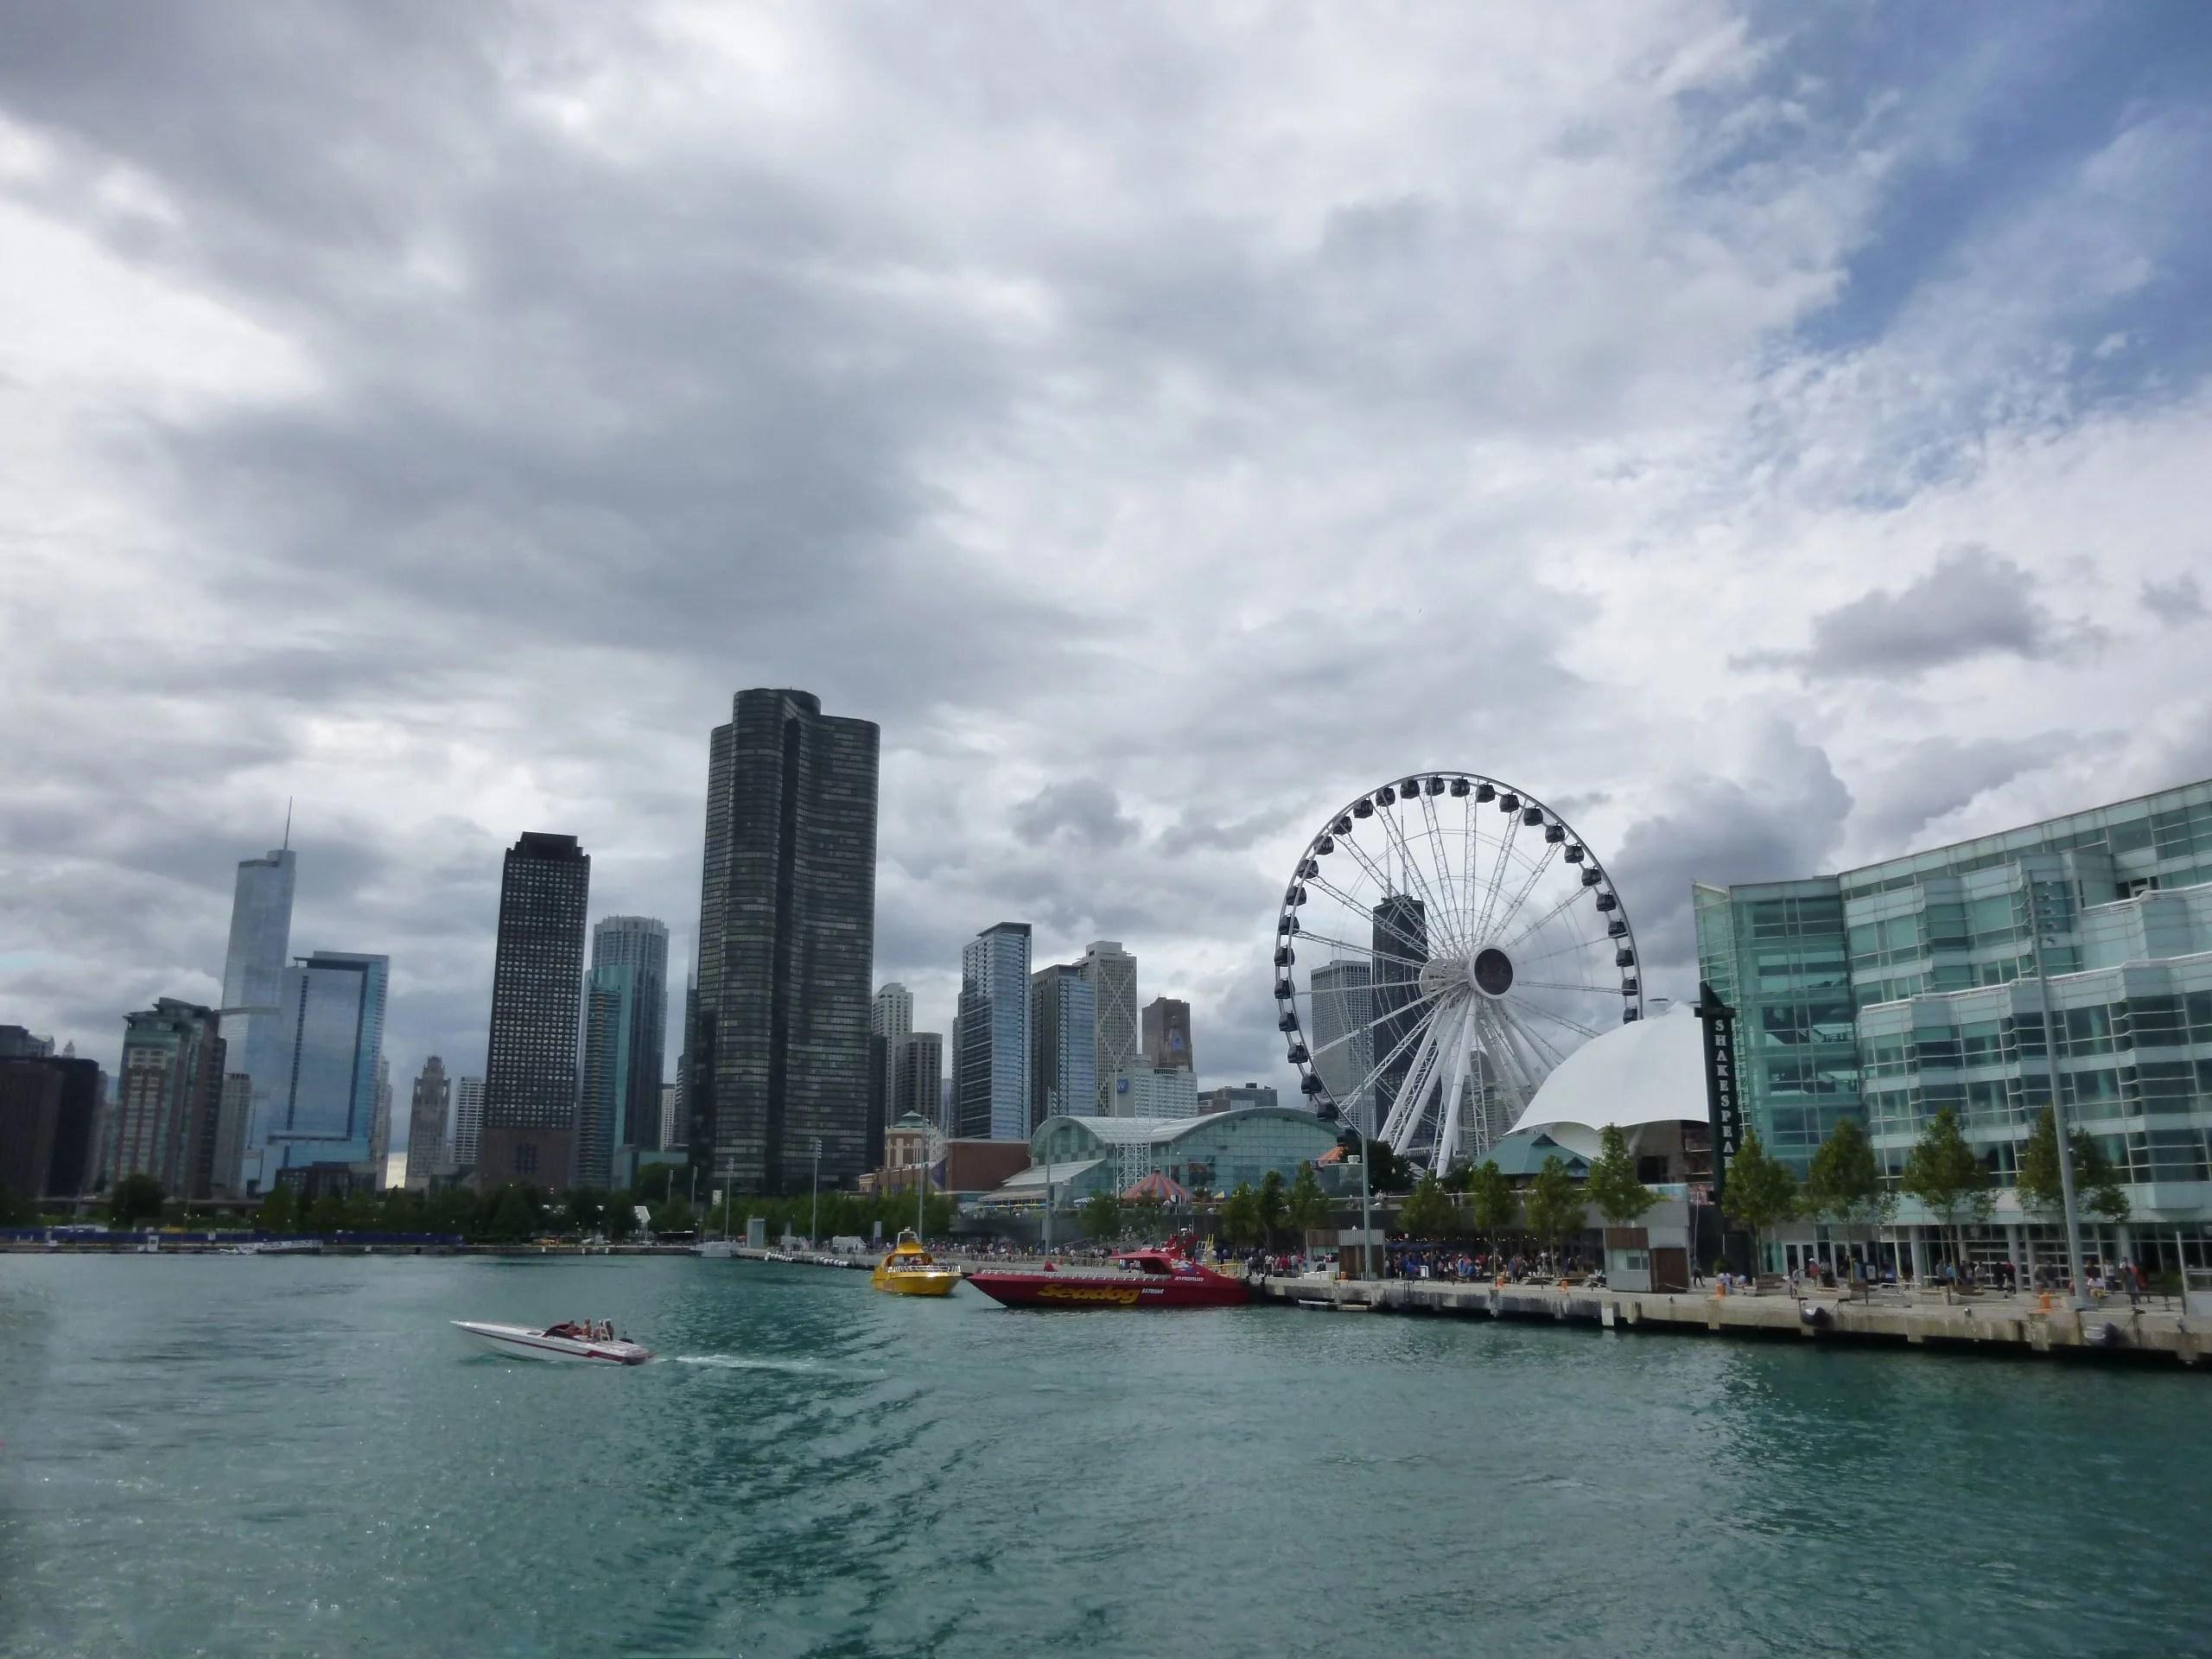 Navy Pier, Chicago © Chris Laker